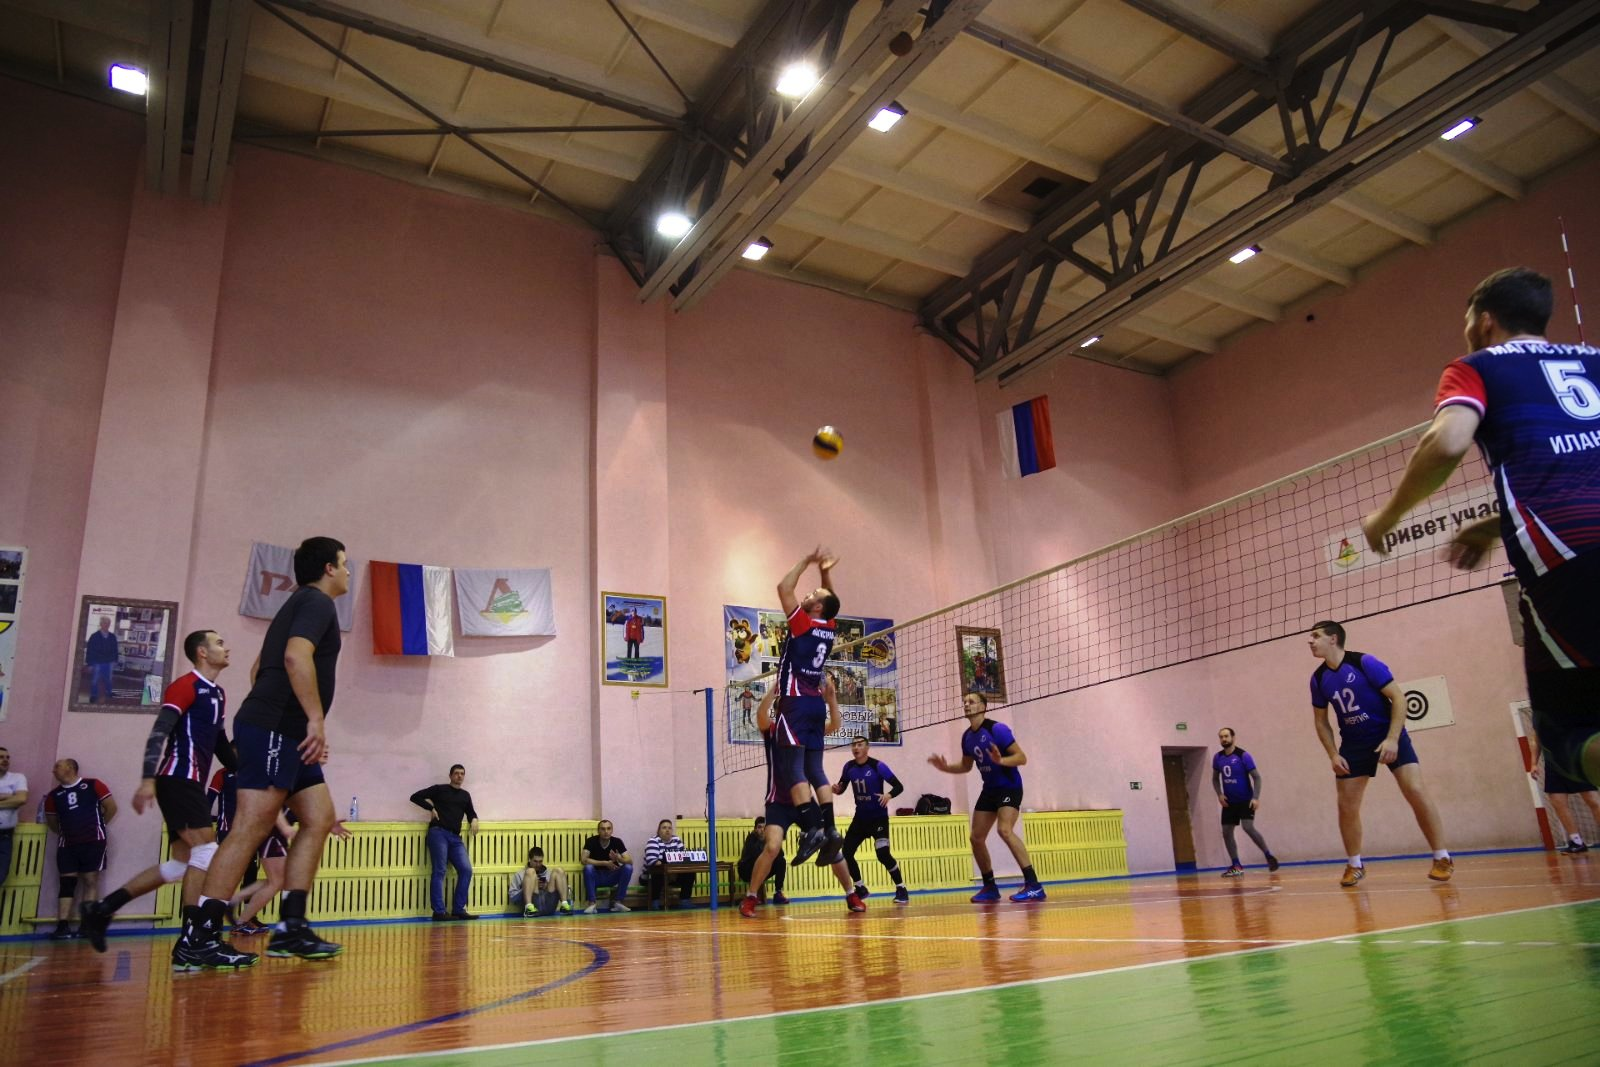 Тридцатый открытый турнир ПЧ-5 по волейболу 24 октября 2020